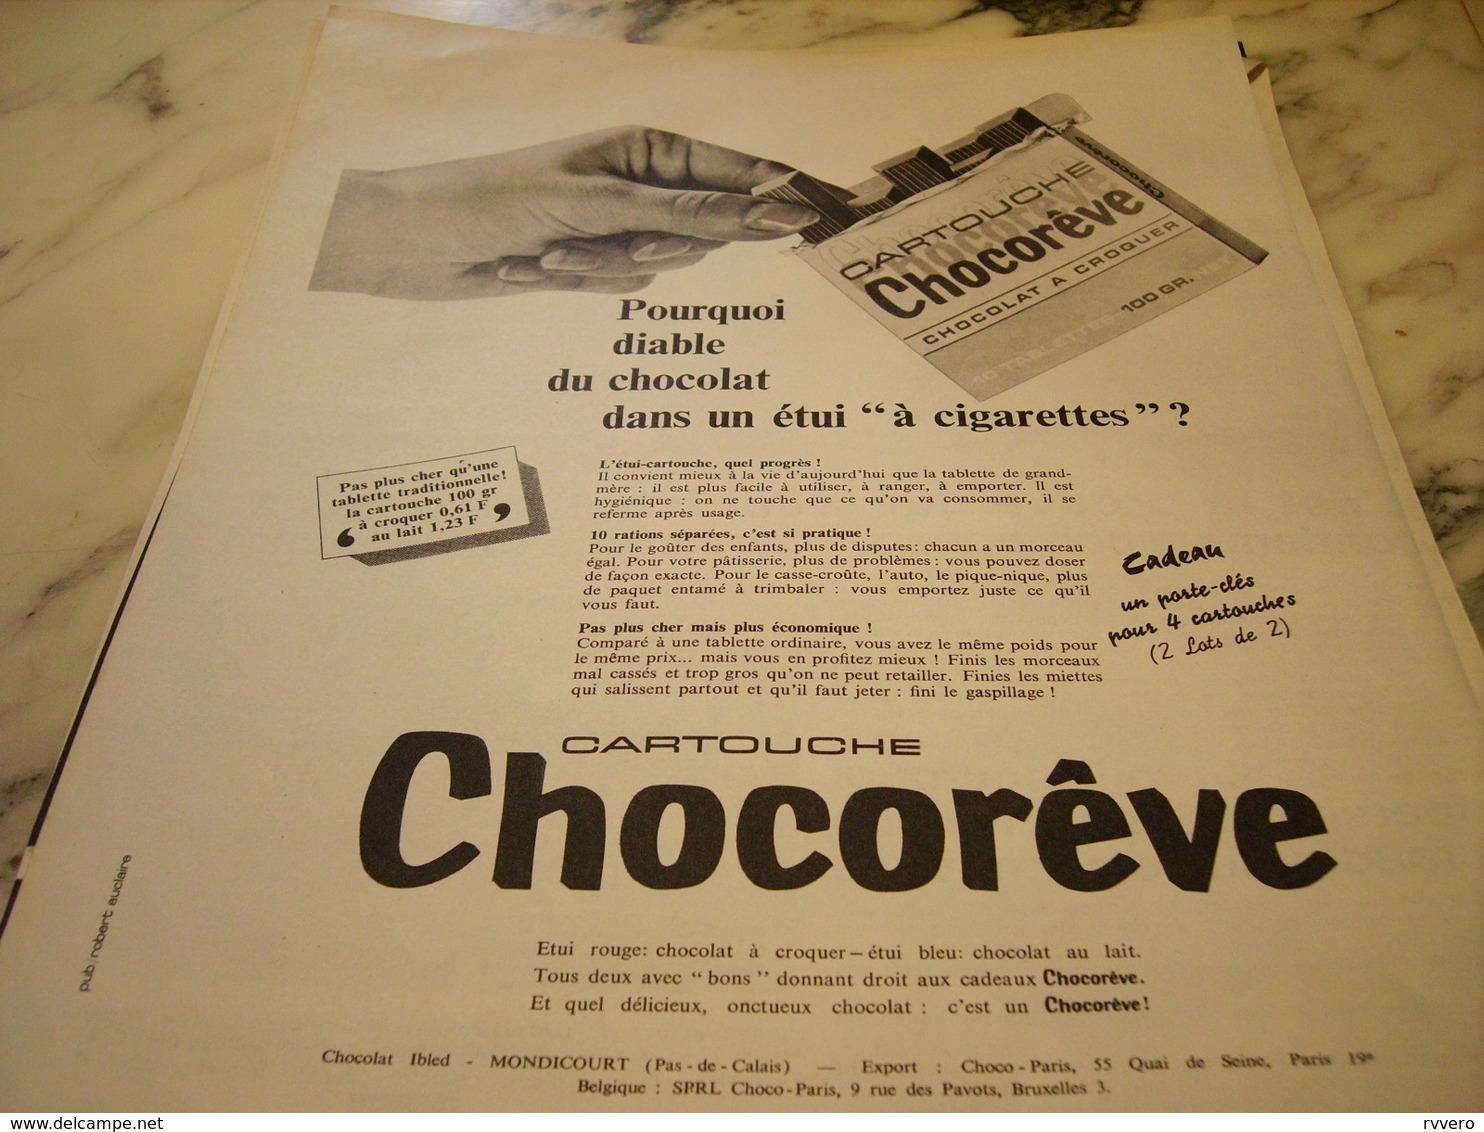 ANCIENNE PUBLICITE CARTOUCHE CHOCOREVE 1966 - Affiches